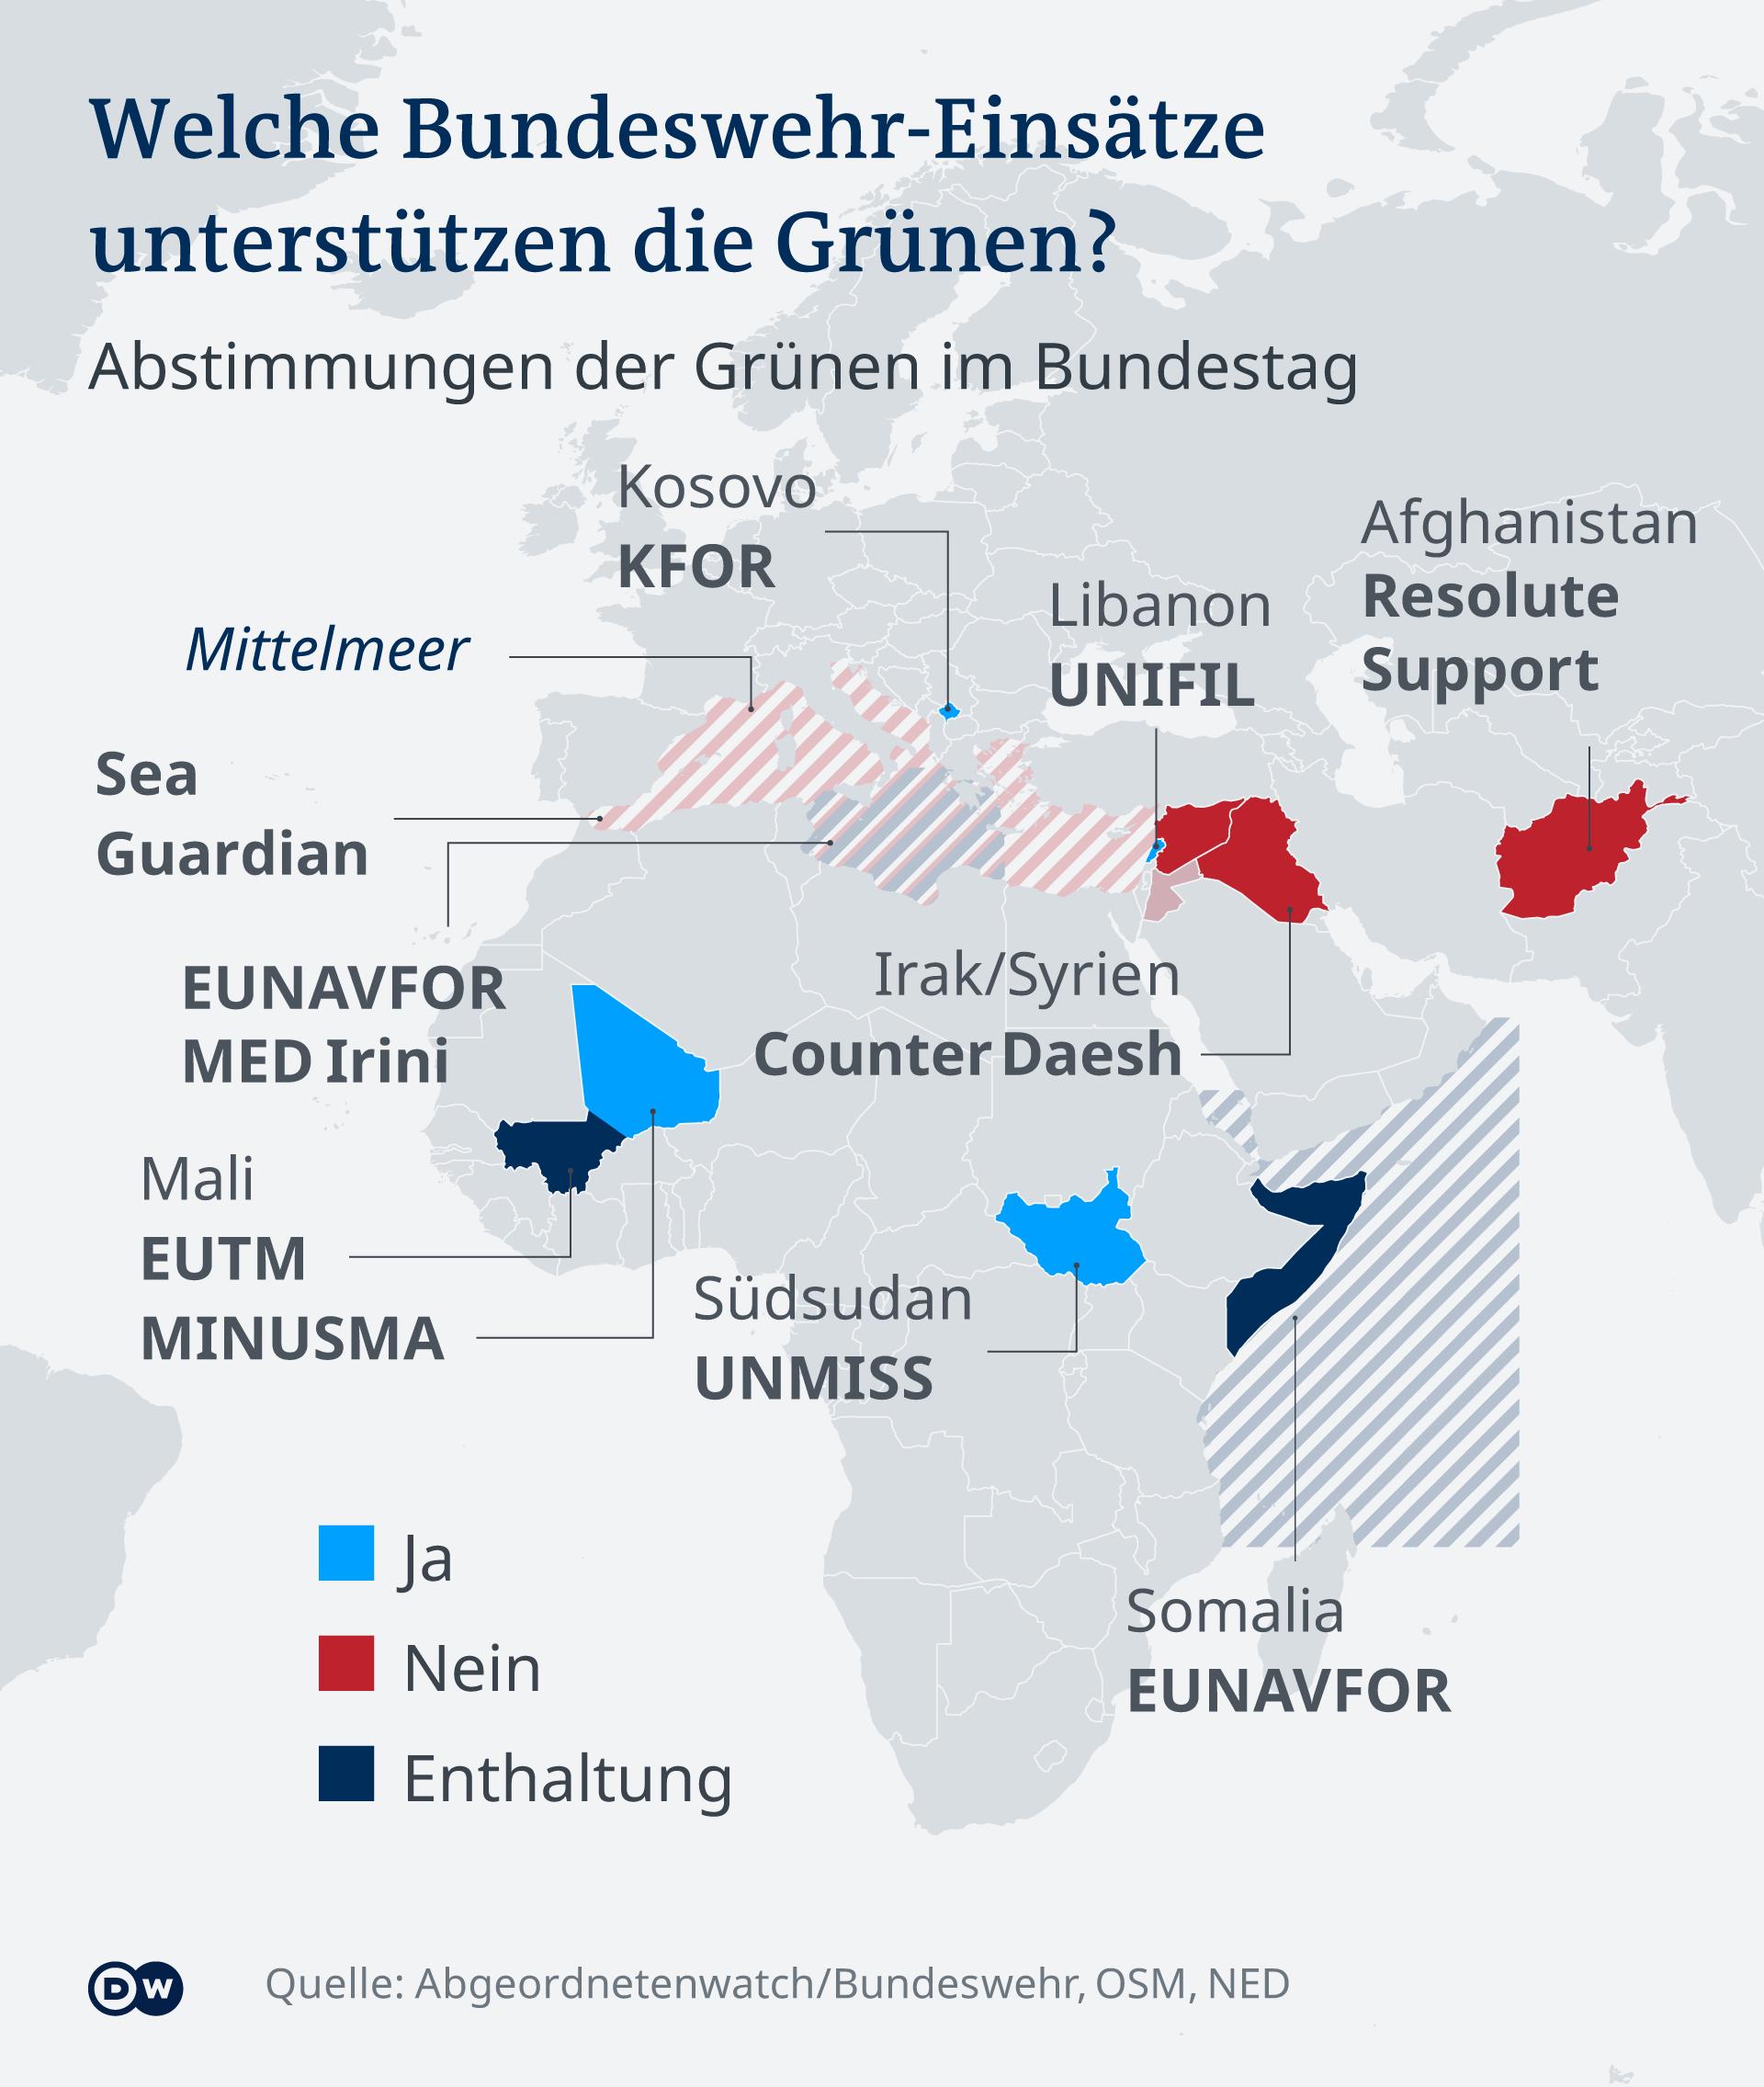 Datenvisualisierung Bundestagswahl Kandidierendenvergleich Bundeswehr Einsätze Grünen Abstimmung Bundestag